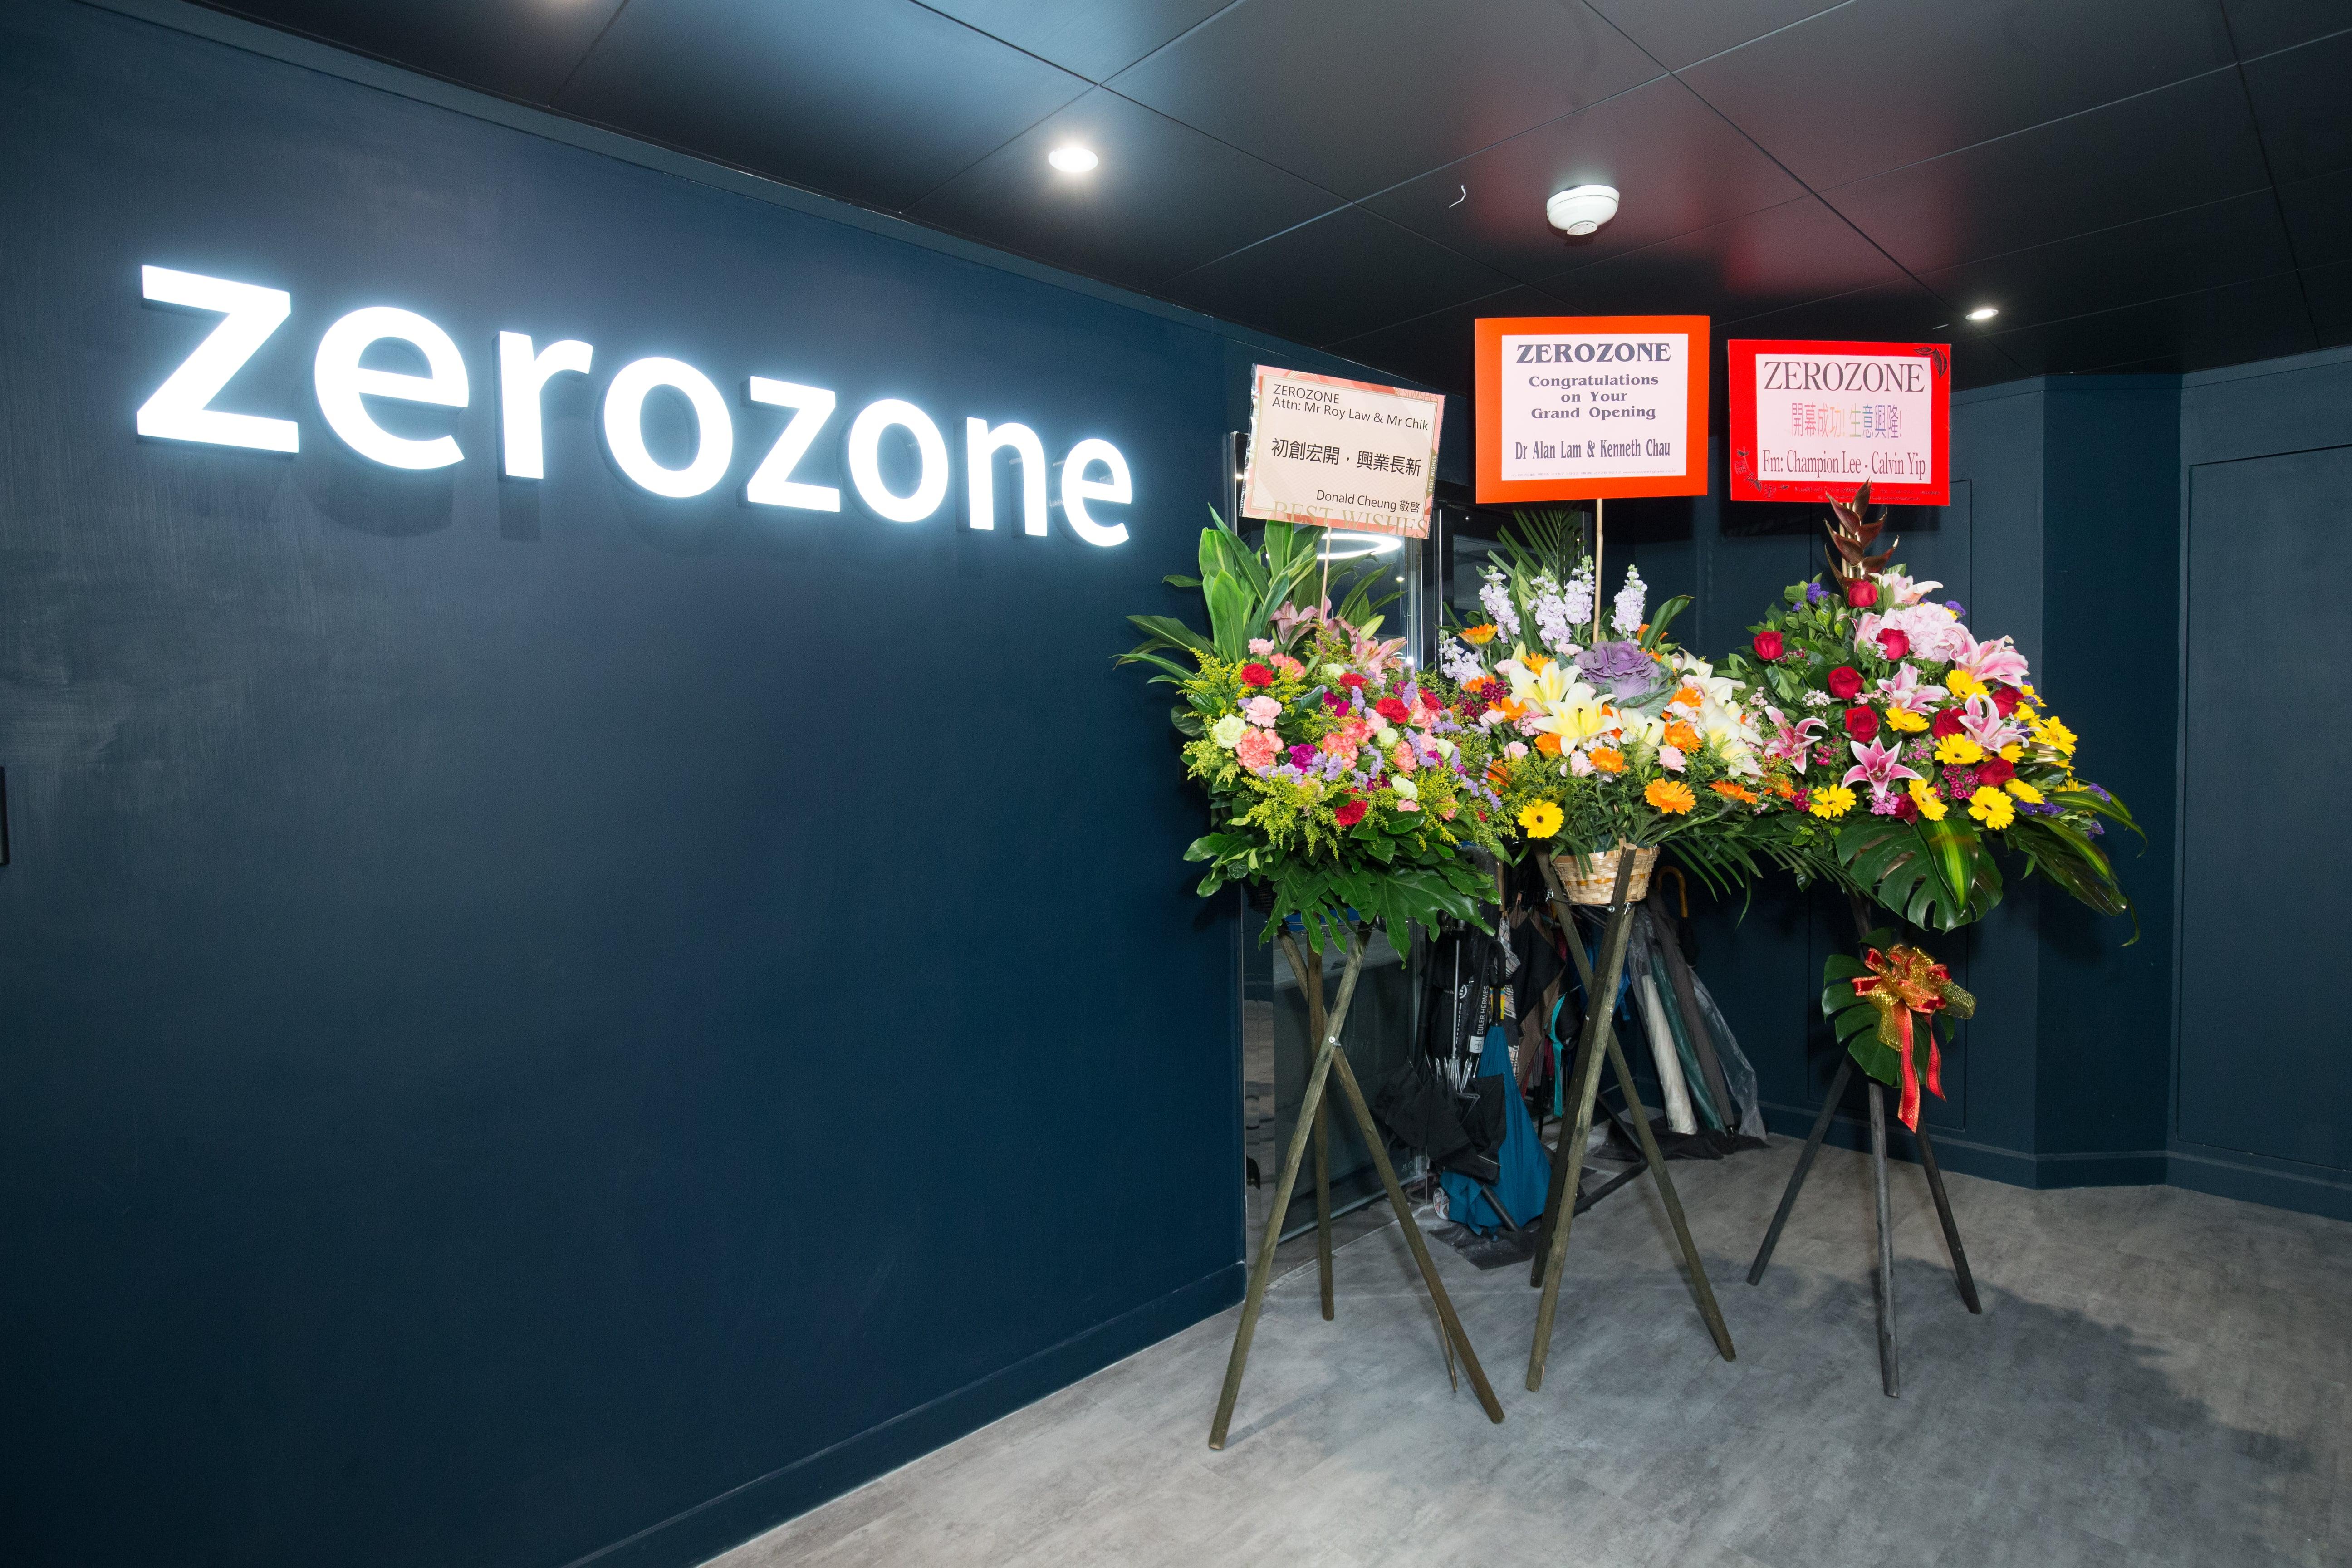 zerozone-grand-opening